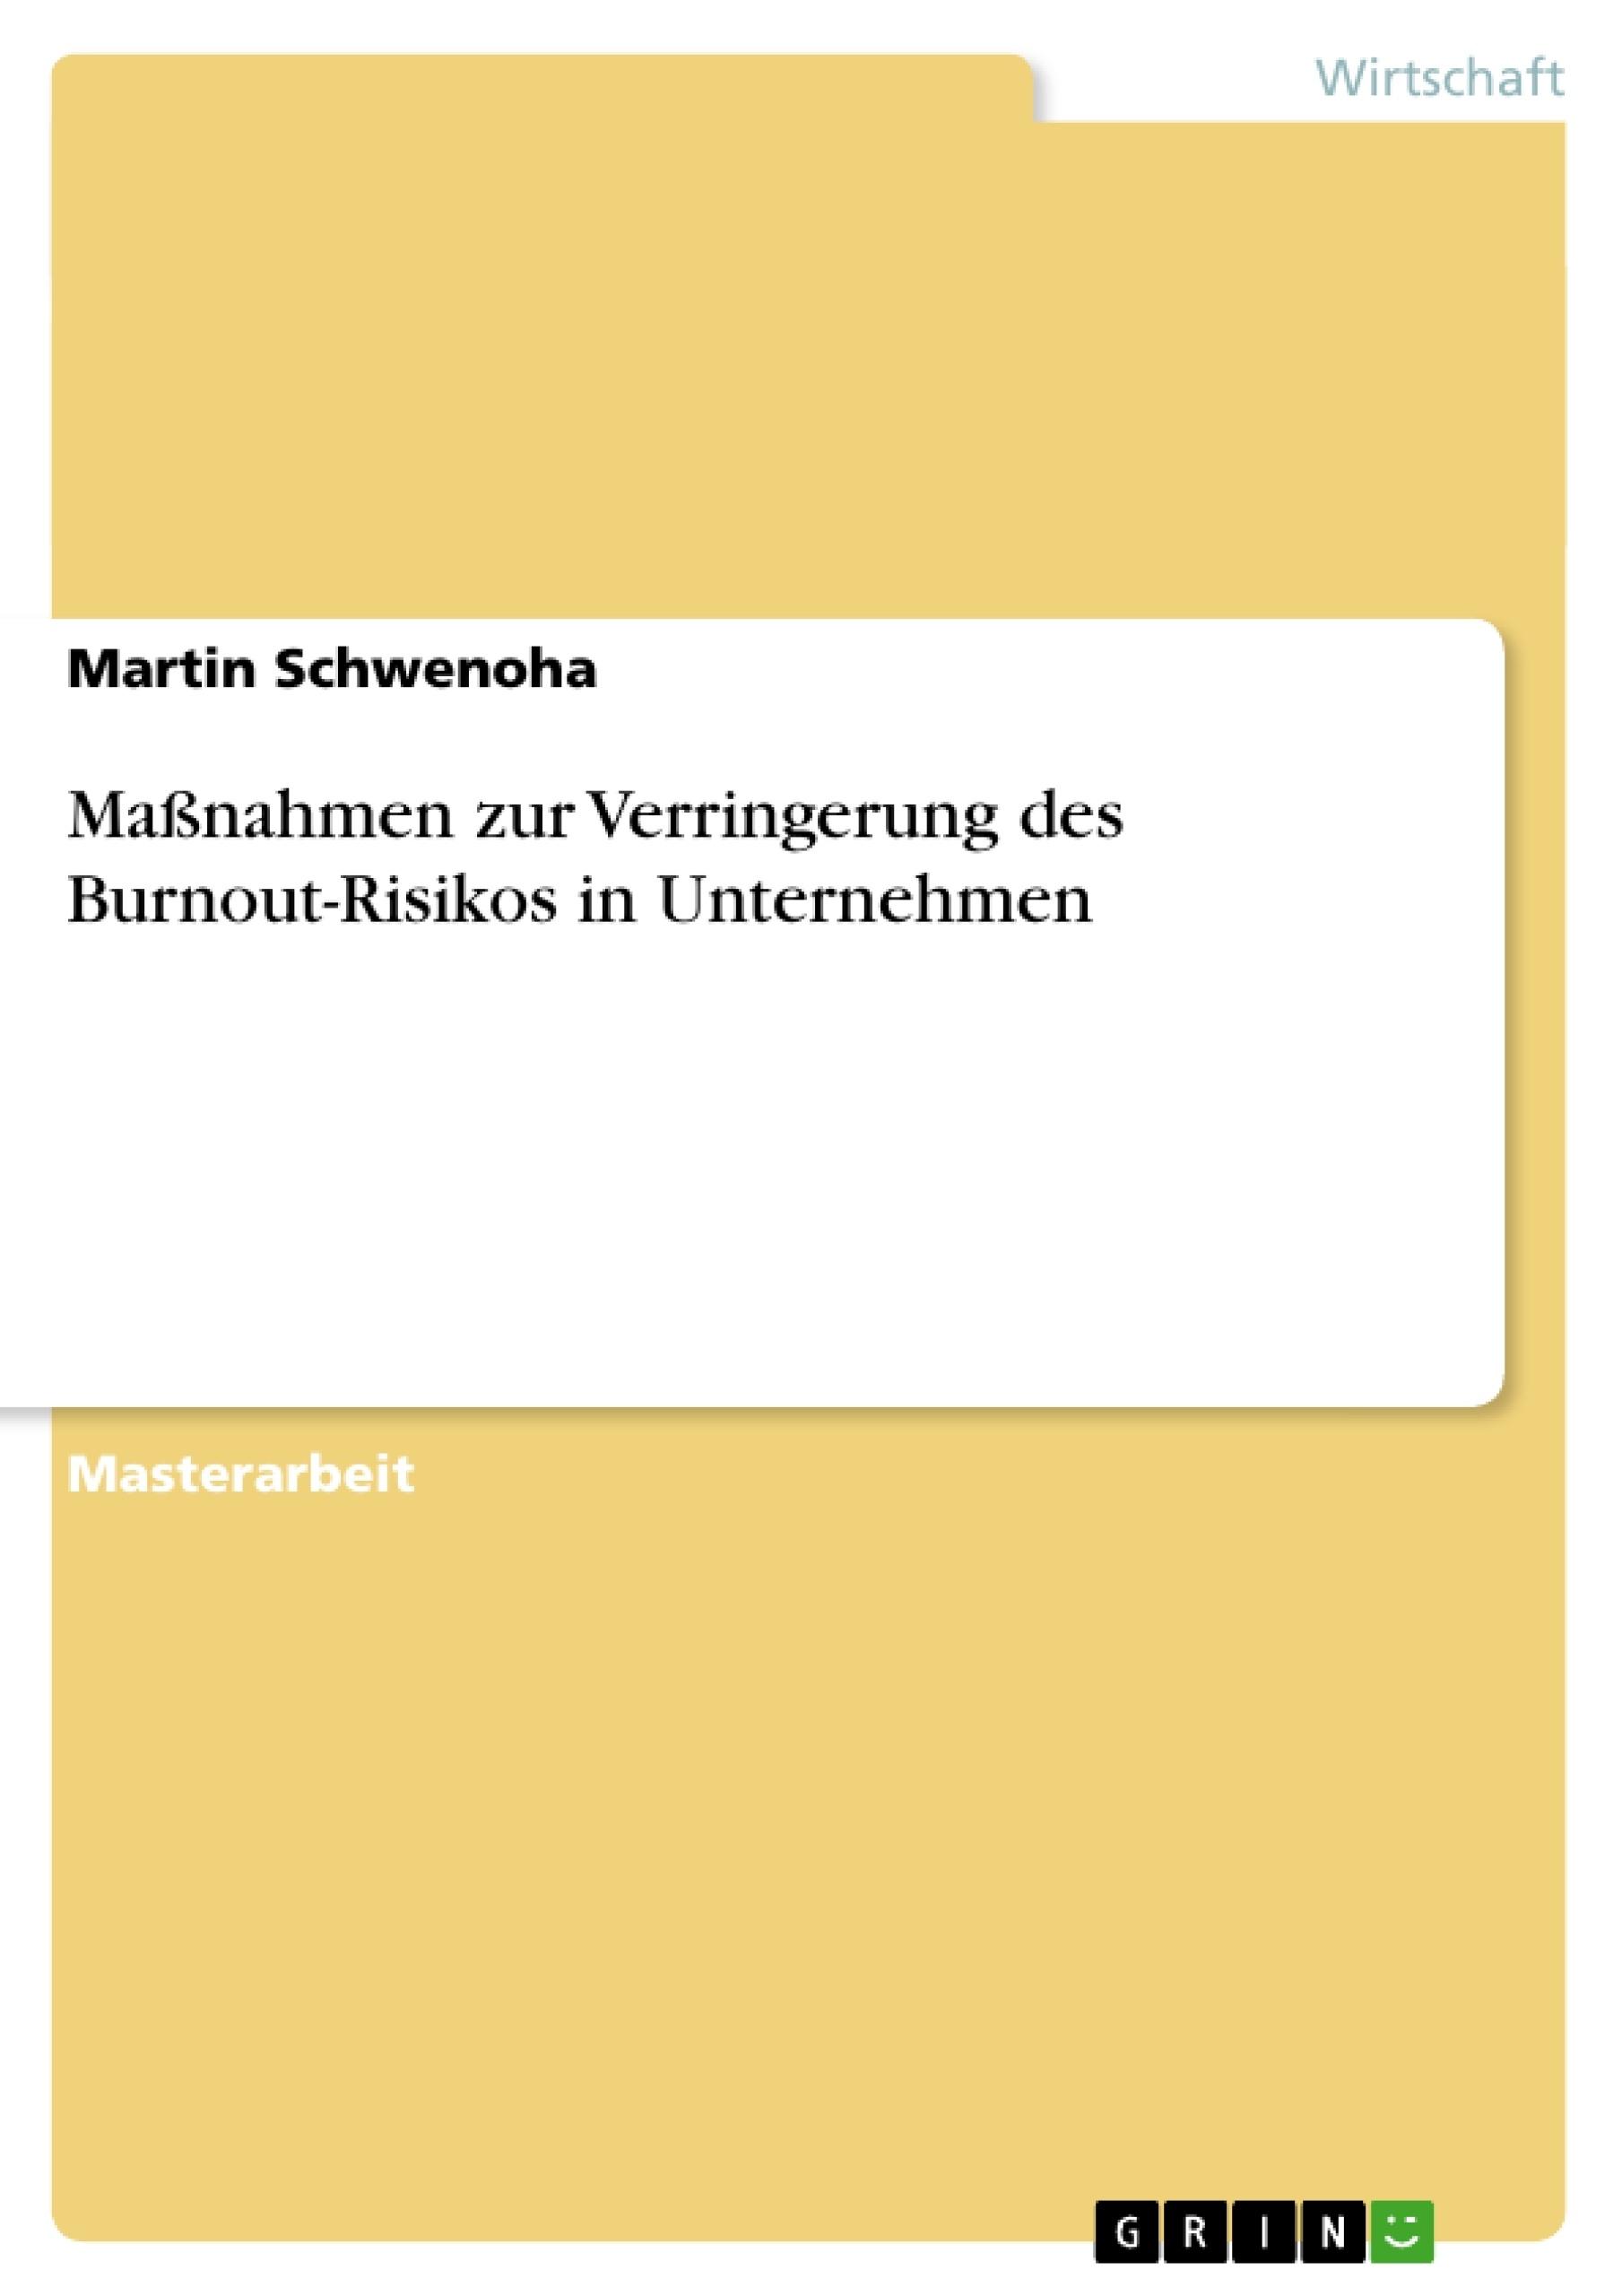 Titel: Maßnahmen zur Verringerung des Burnout-Risikos in Unternehmen